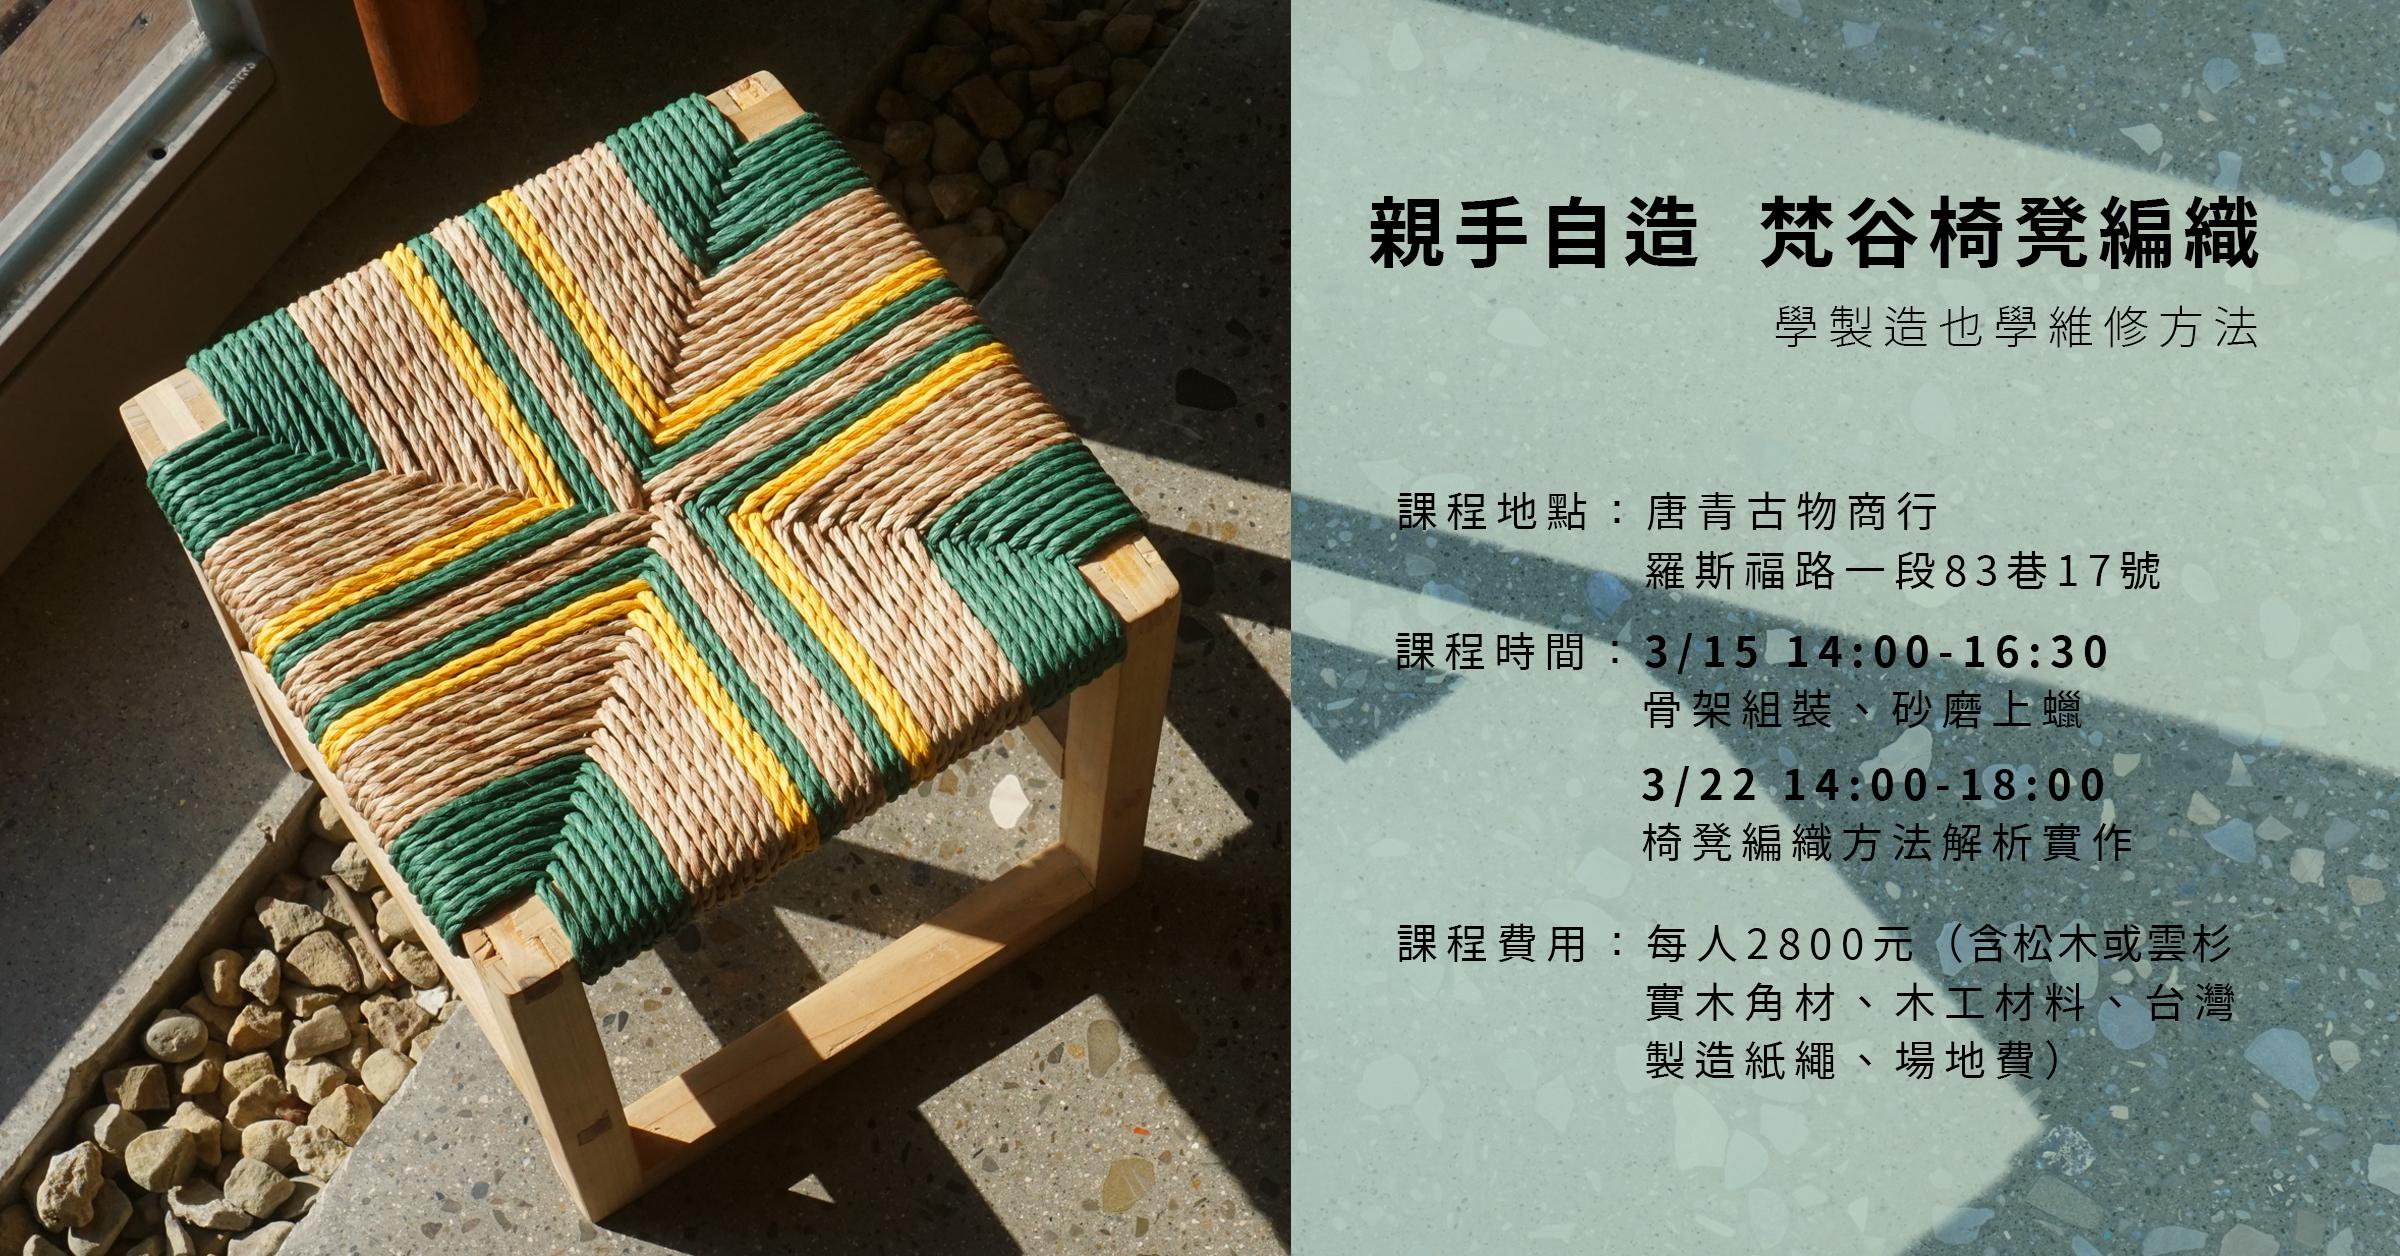 親手自造 梵谷椅面編織(2020年三月課程)